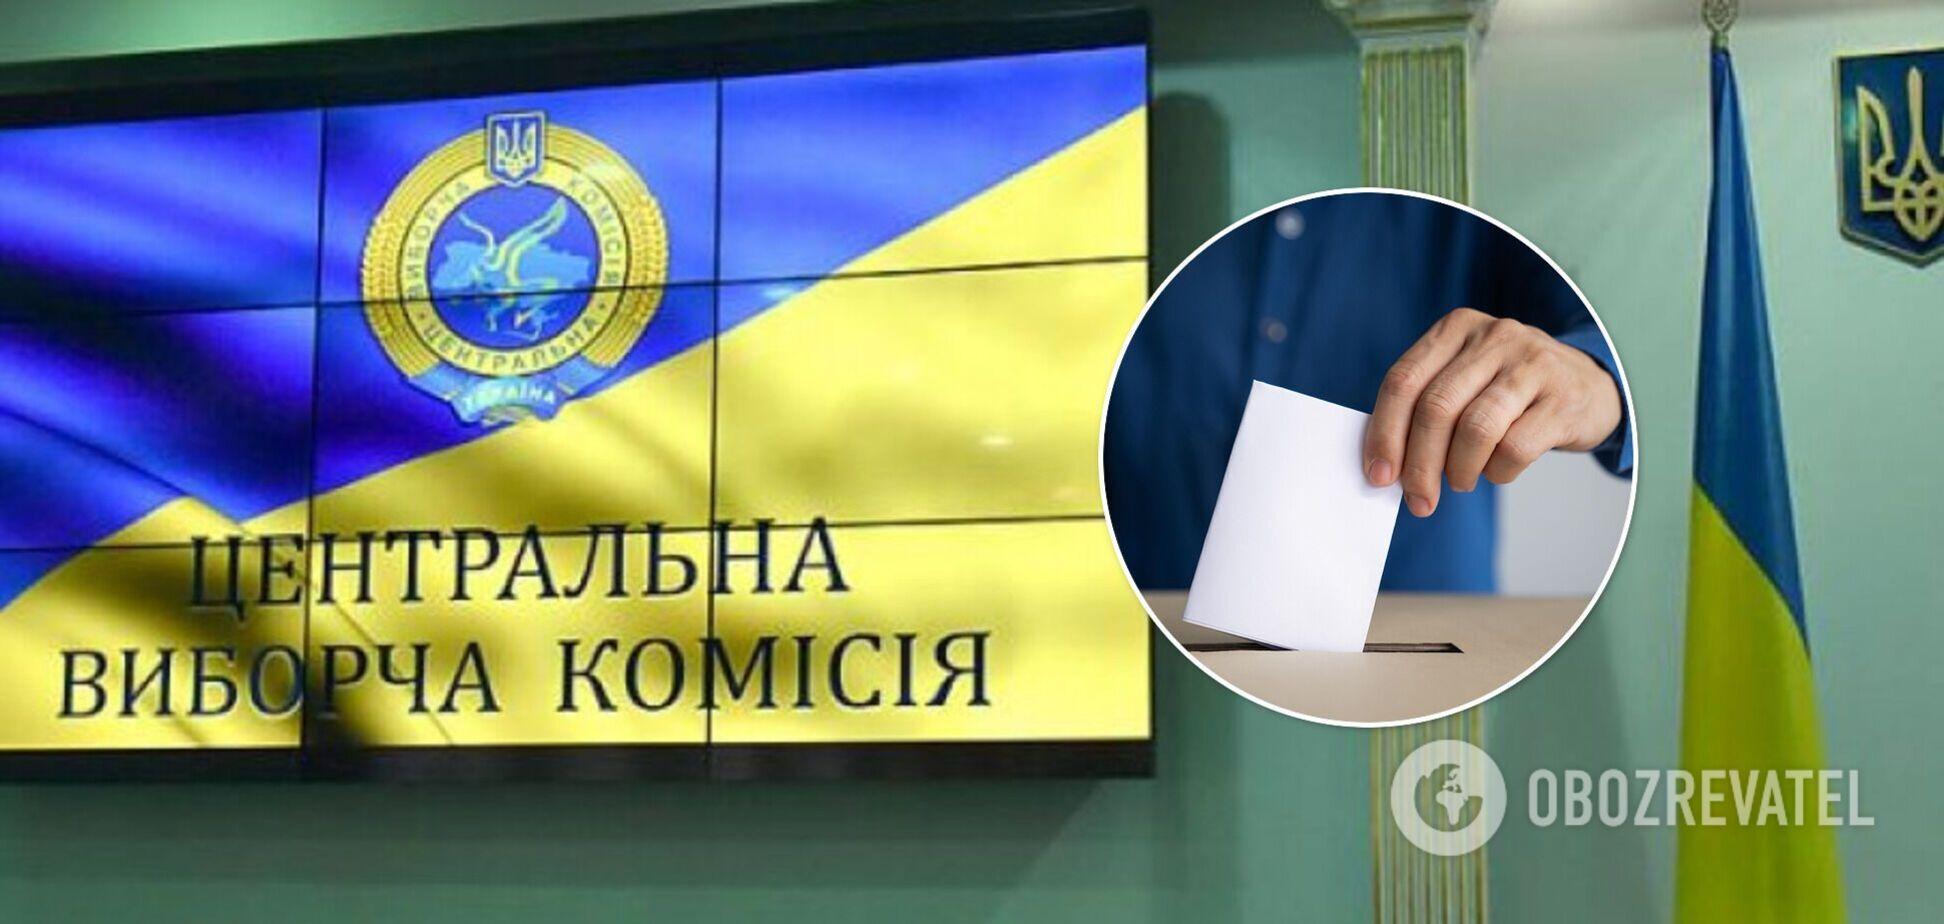 ЦВК зареєструвала п'ять груп для всеукраїнського референдуму: озвучено питання